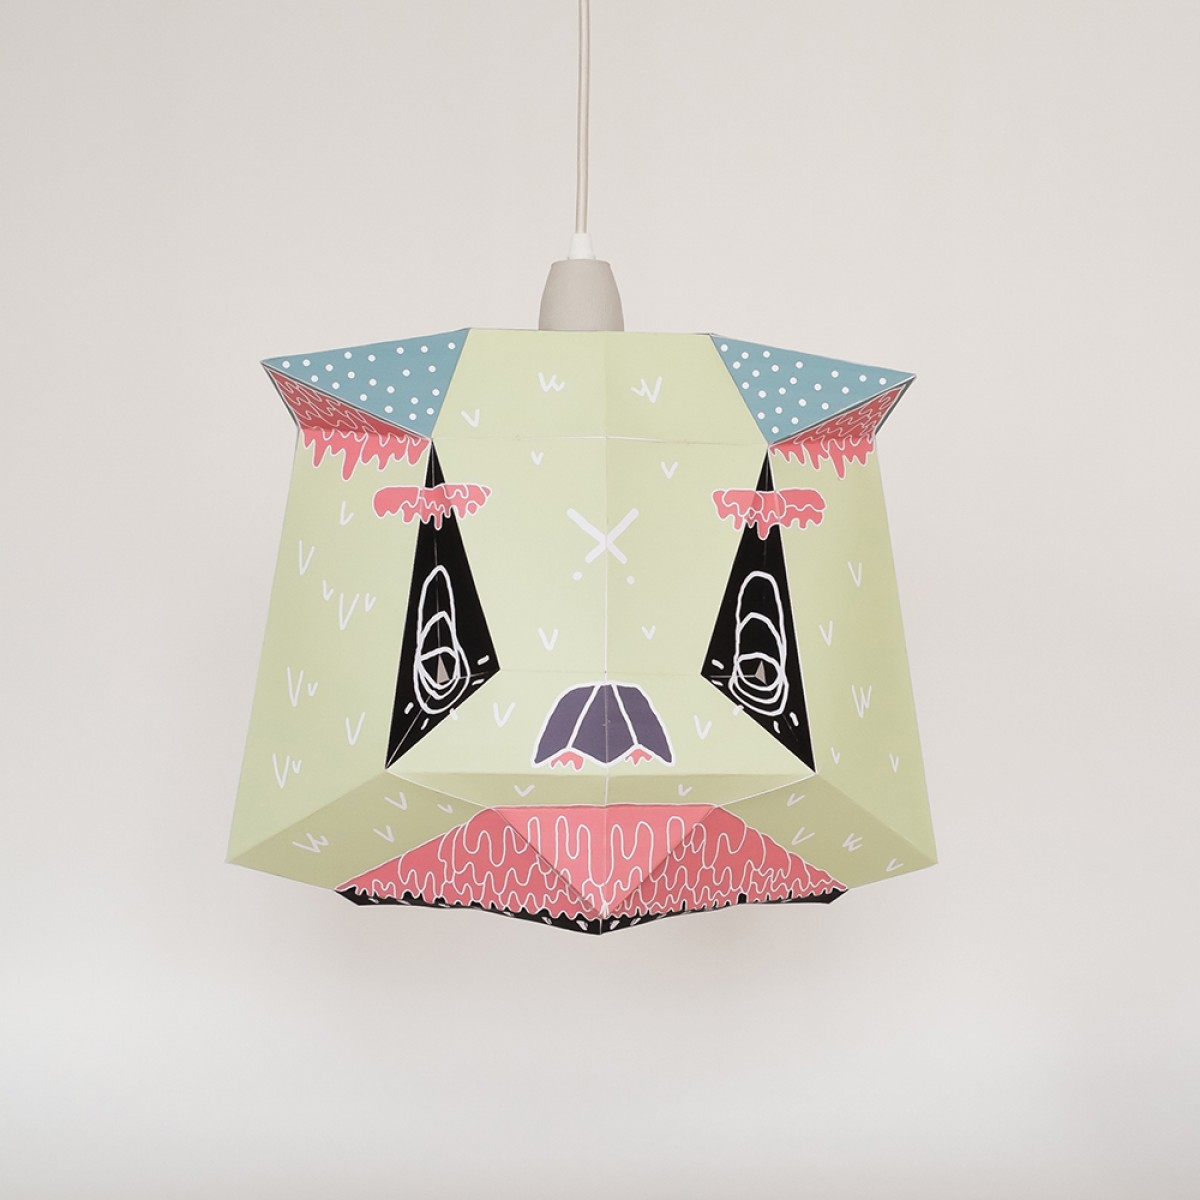 Chapa Large X BOICUT – Ein Lampenschirm, ein Poster oder etwas Anderes